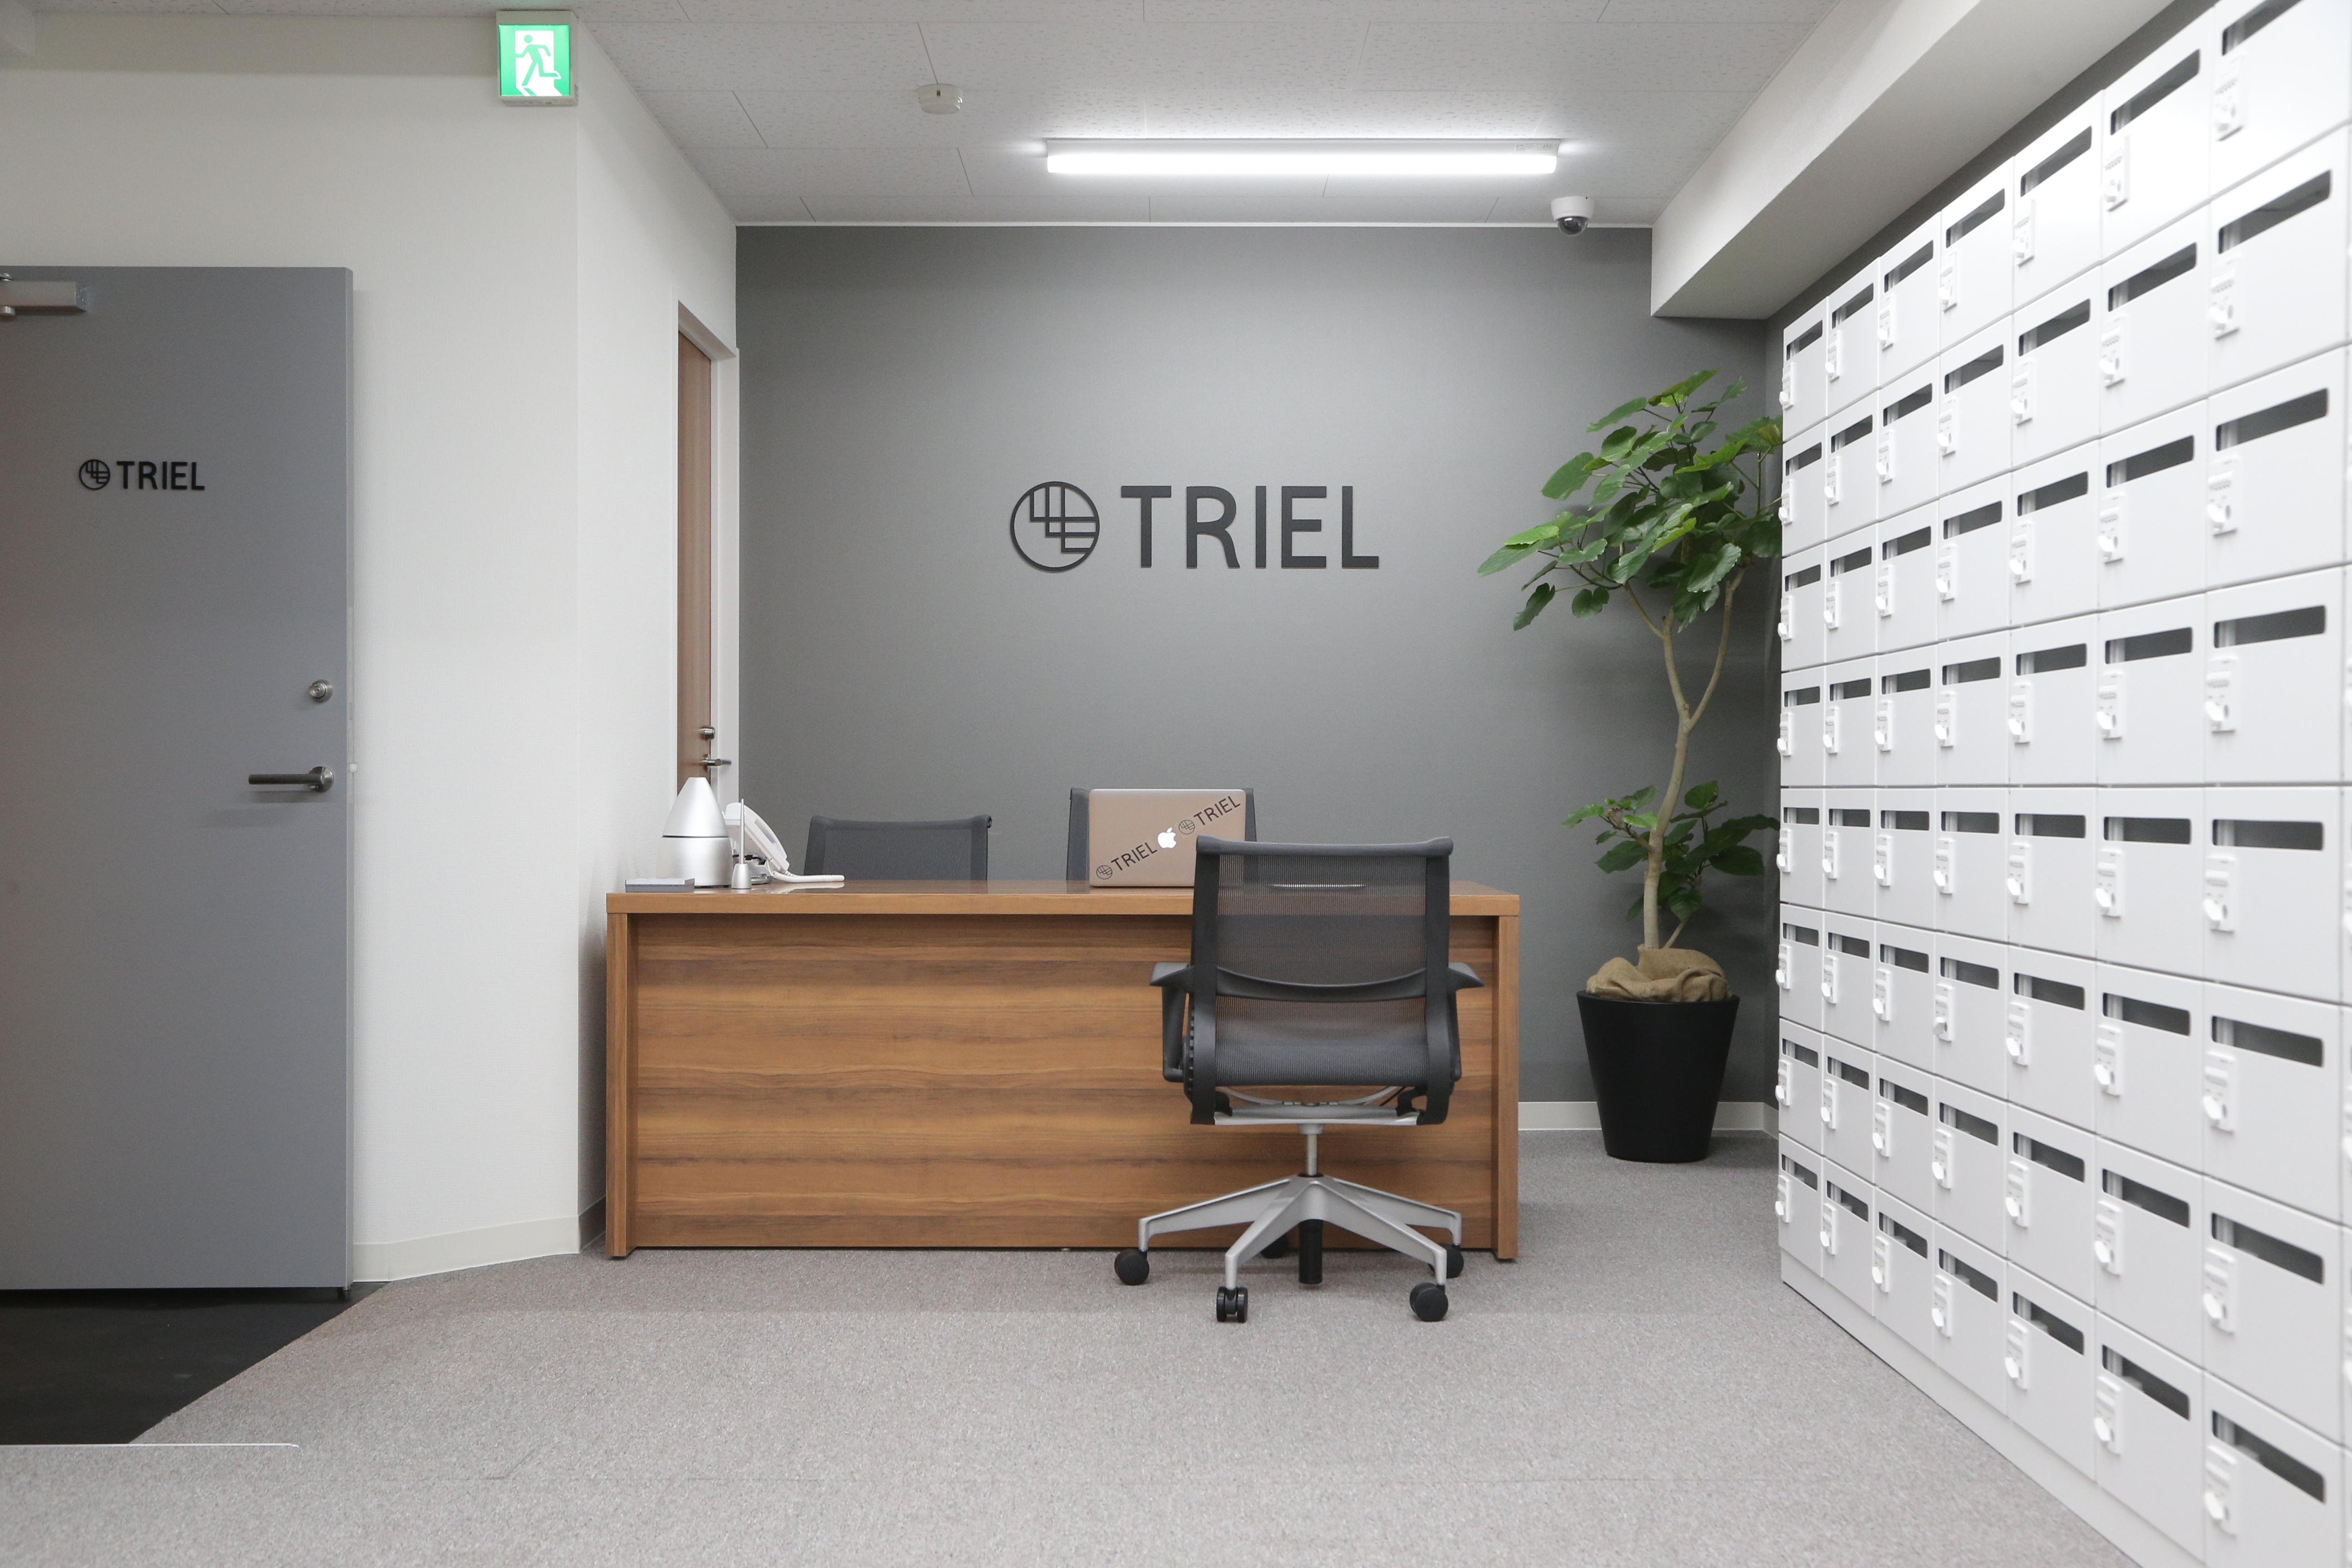 Triel東京  6名会議室の入口の写真